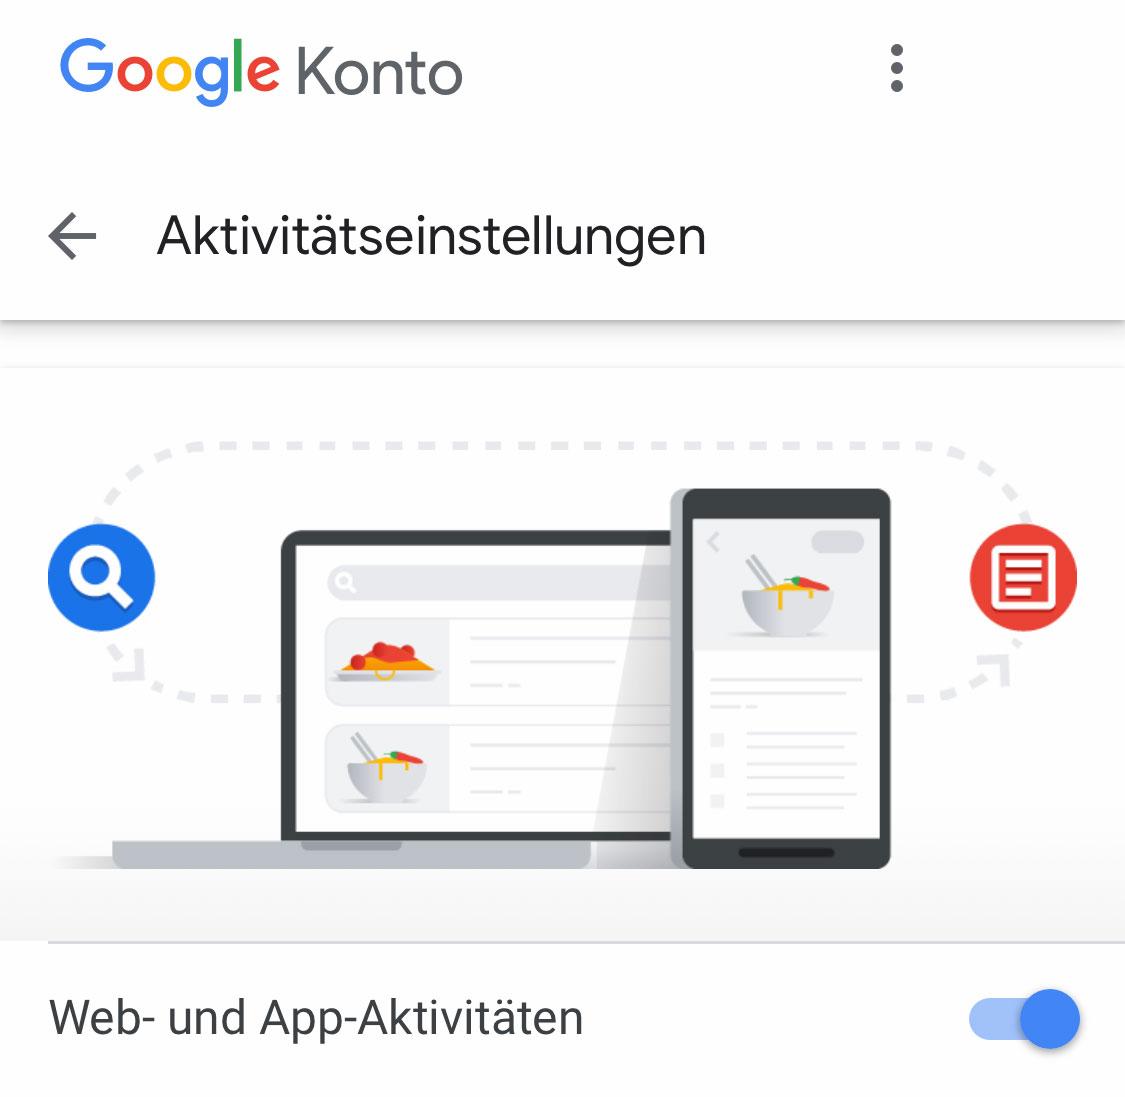 Web & App Aktivitäten Löschen